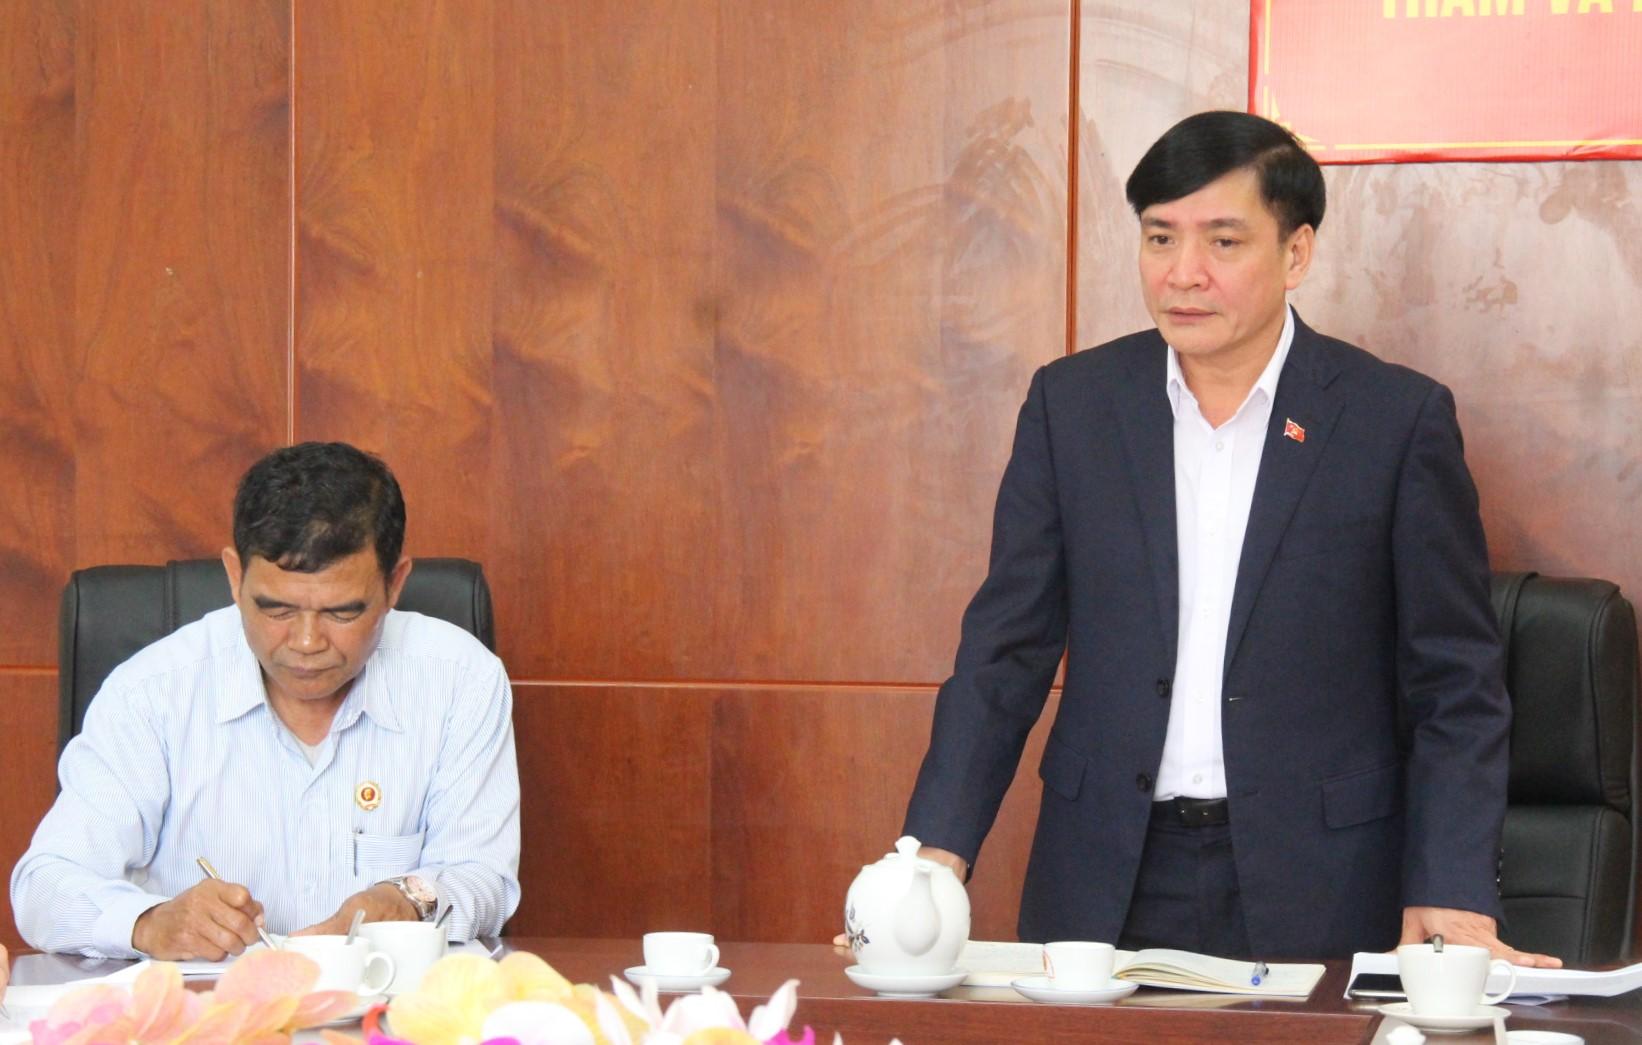 Bí thư Tỉnh ủy Bùi Văn Cường làm việc với Hội Cựu chiến binh tỉnh